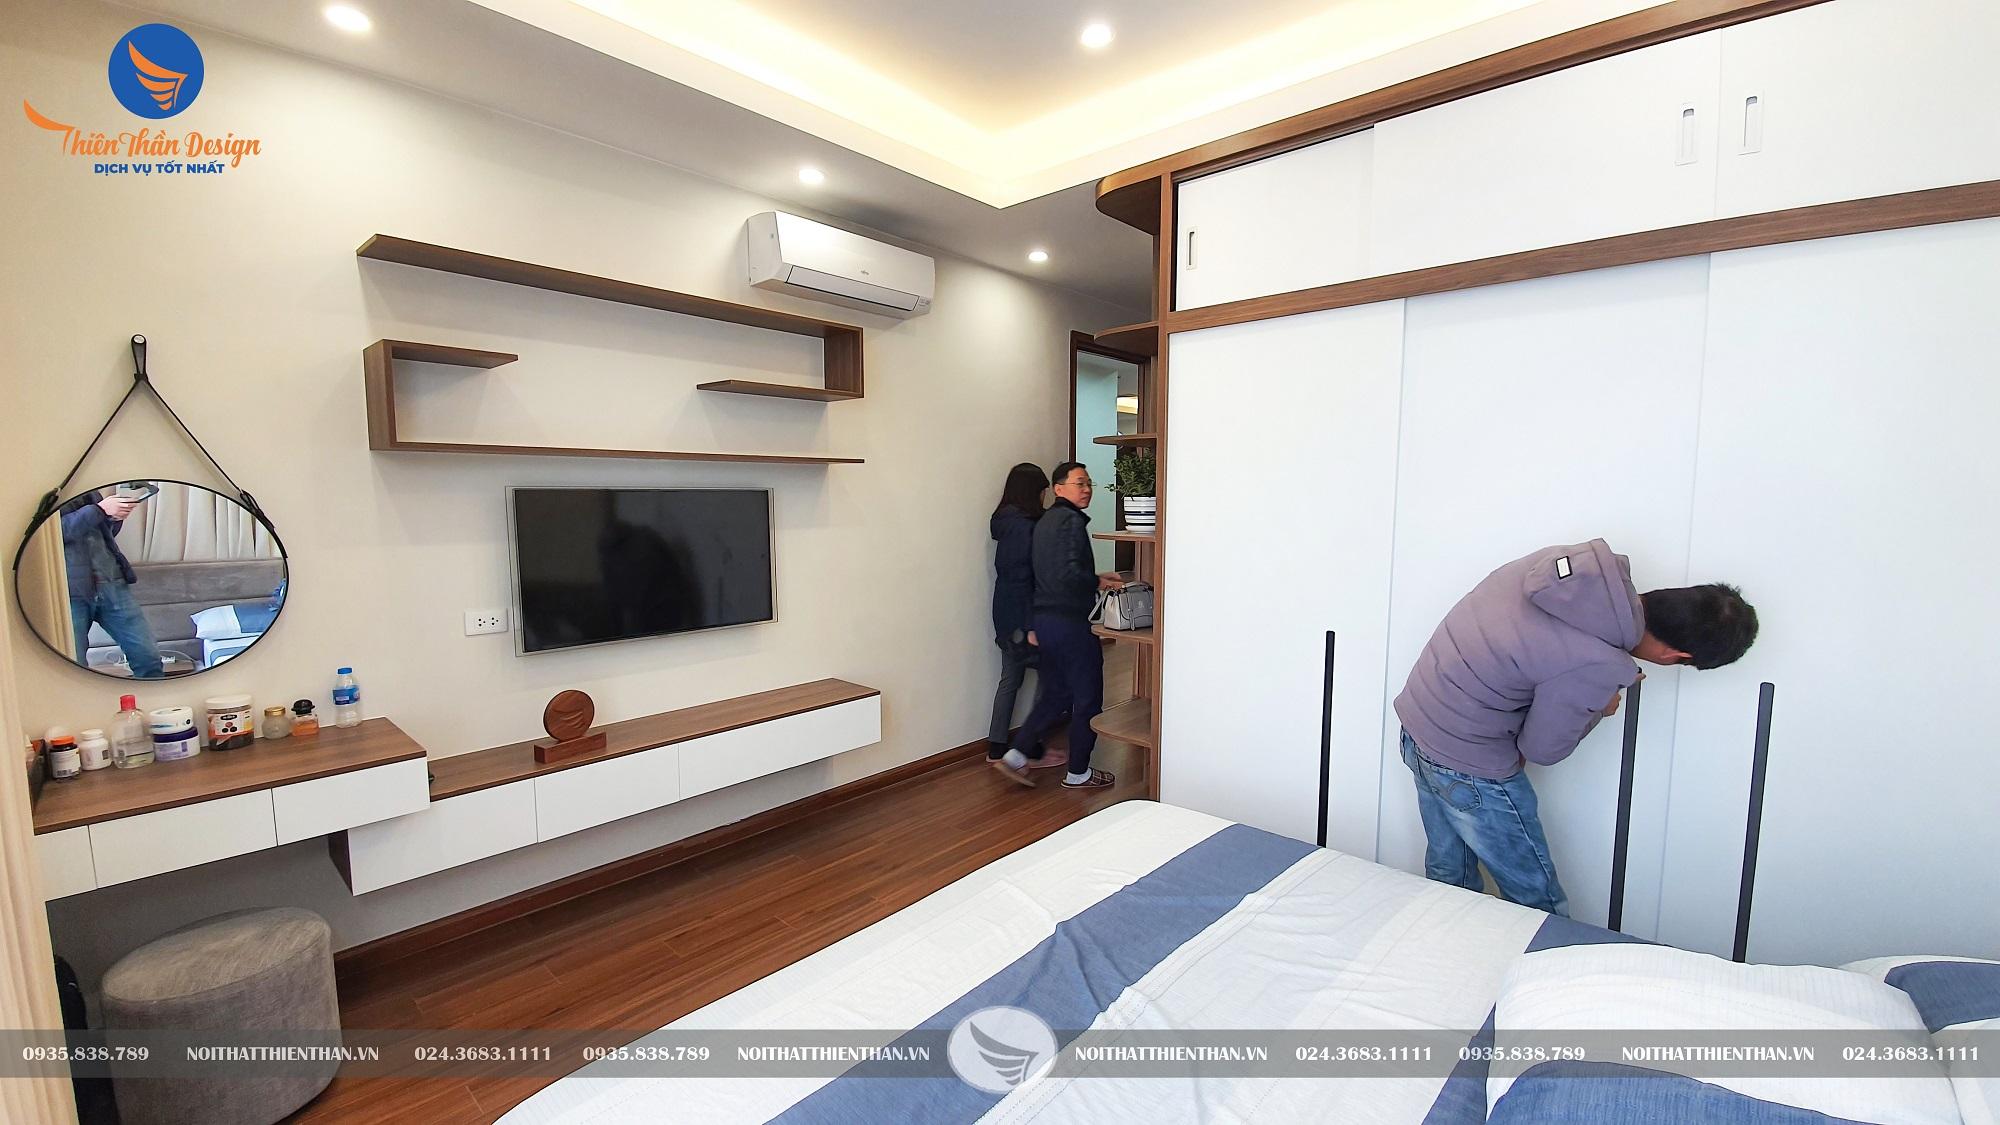 hoàn thiện nội thất chung cư phòng ngủ vợ chồng